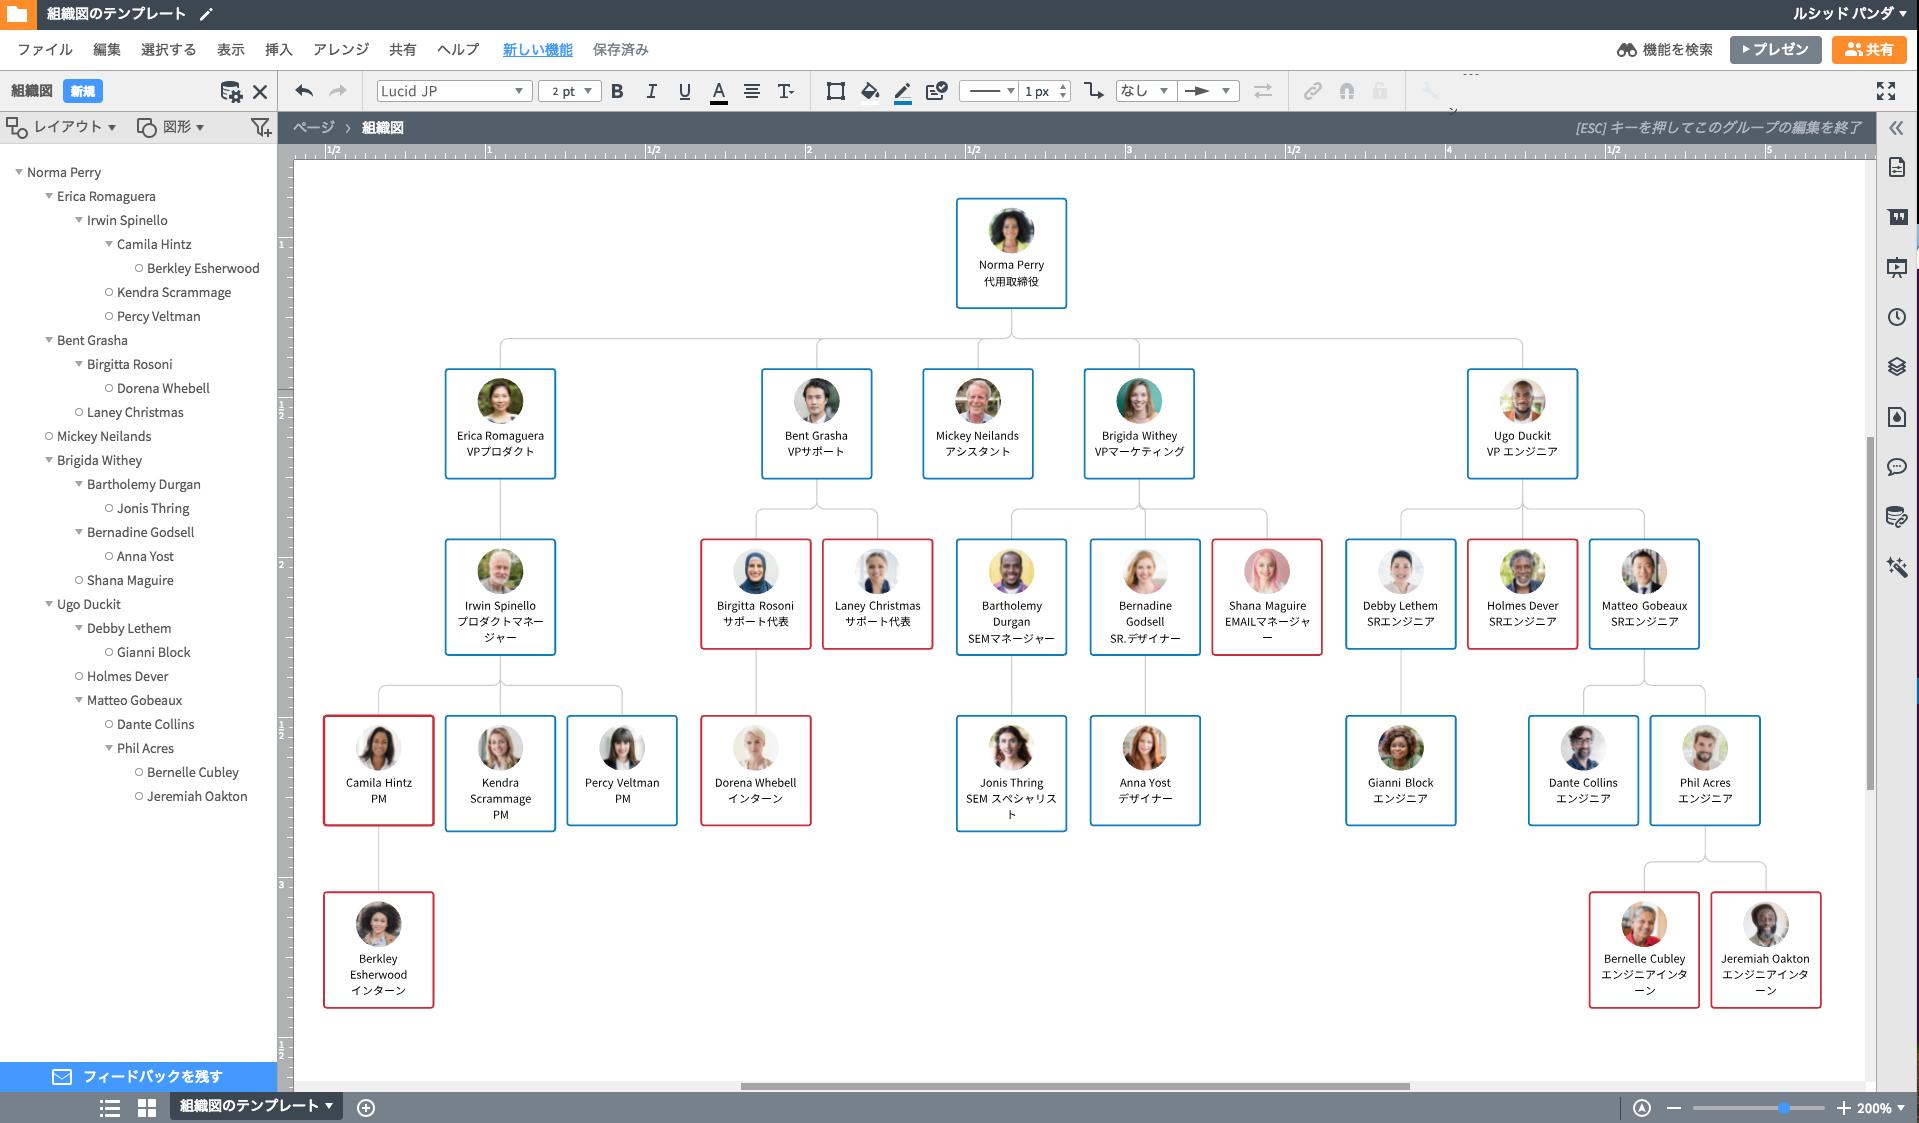 人材HR組織図作成ツール